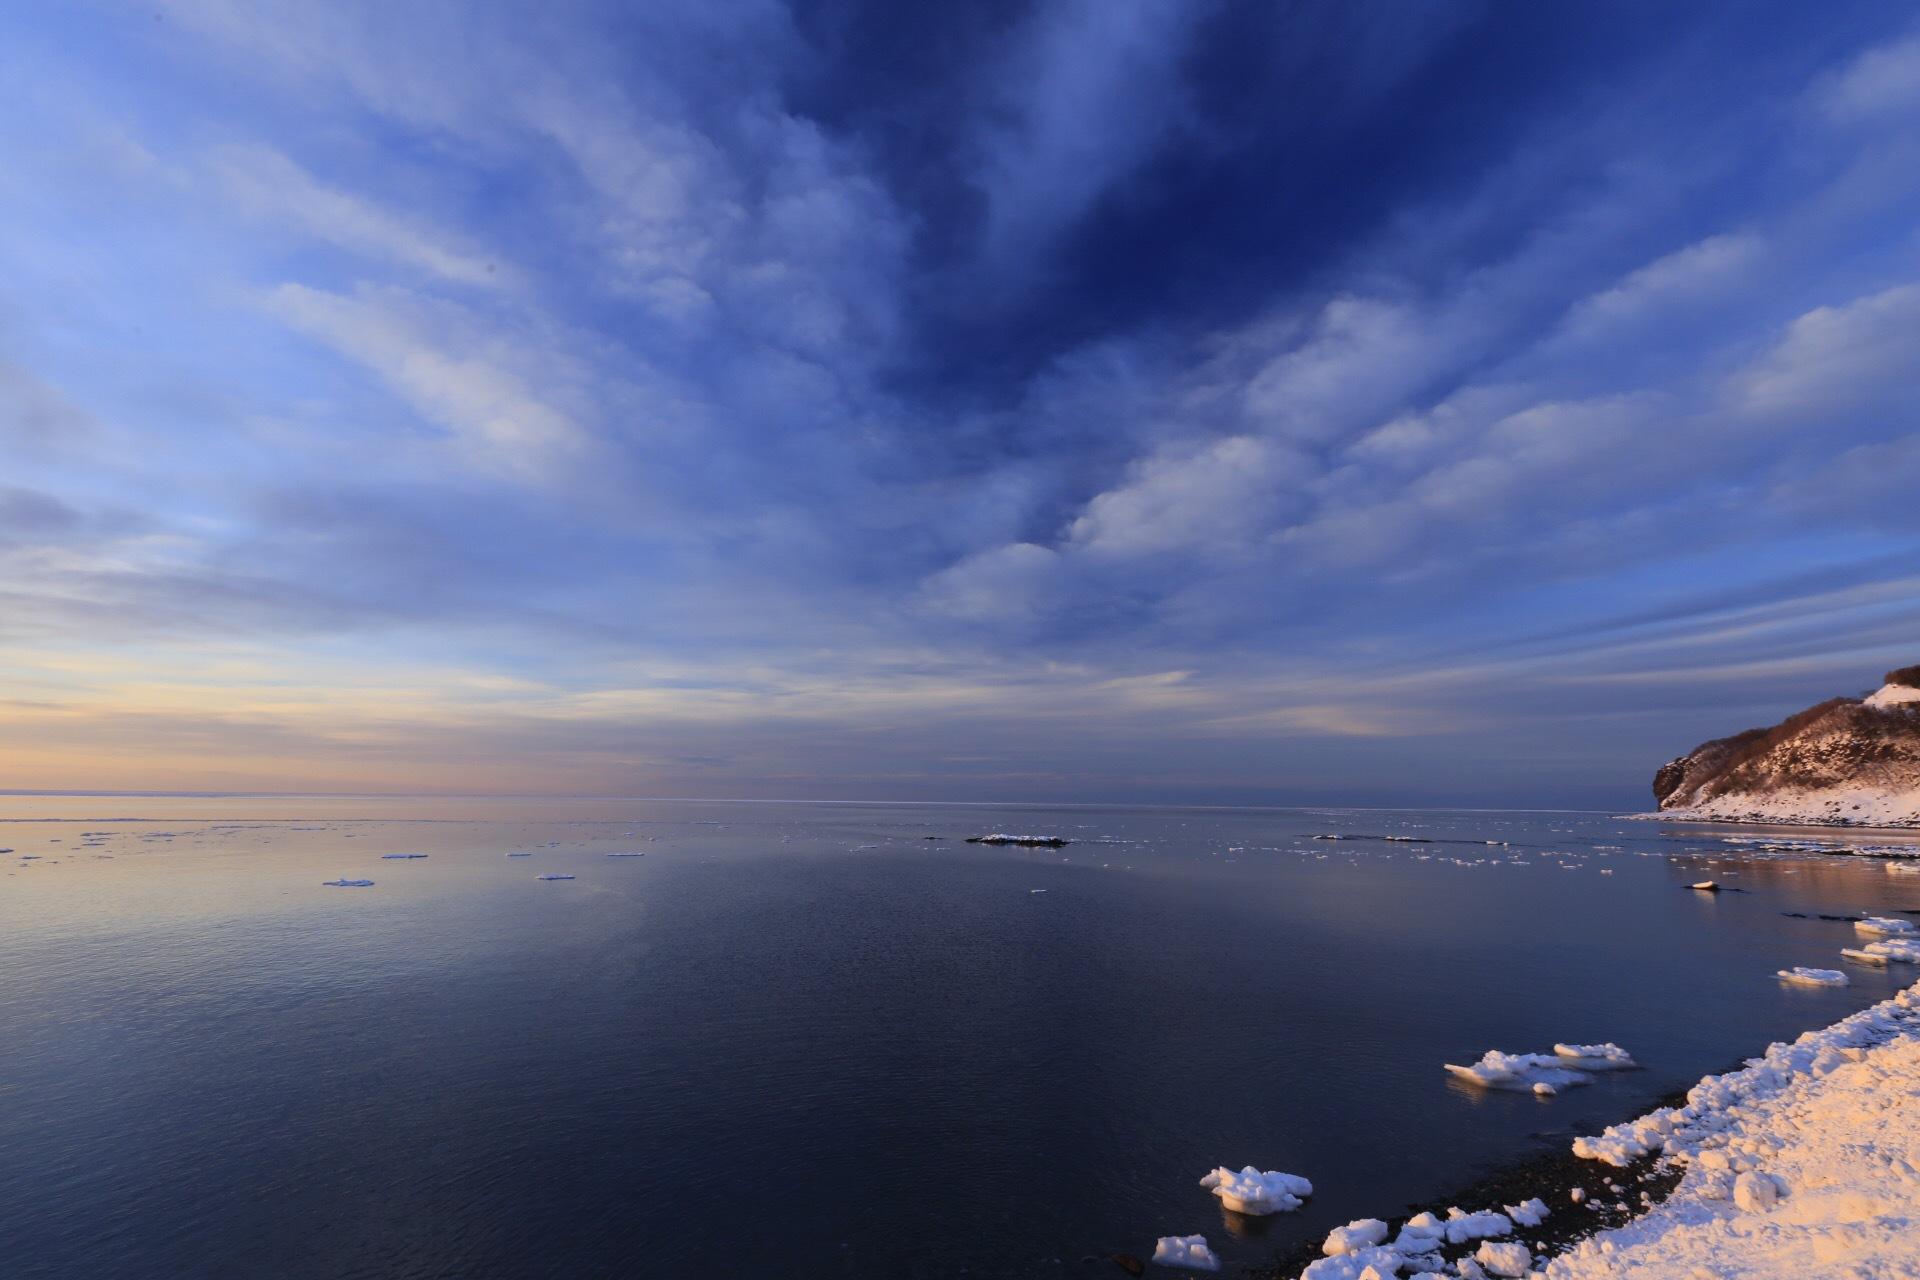 流氷と温泉の宿 海に桂田 image